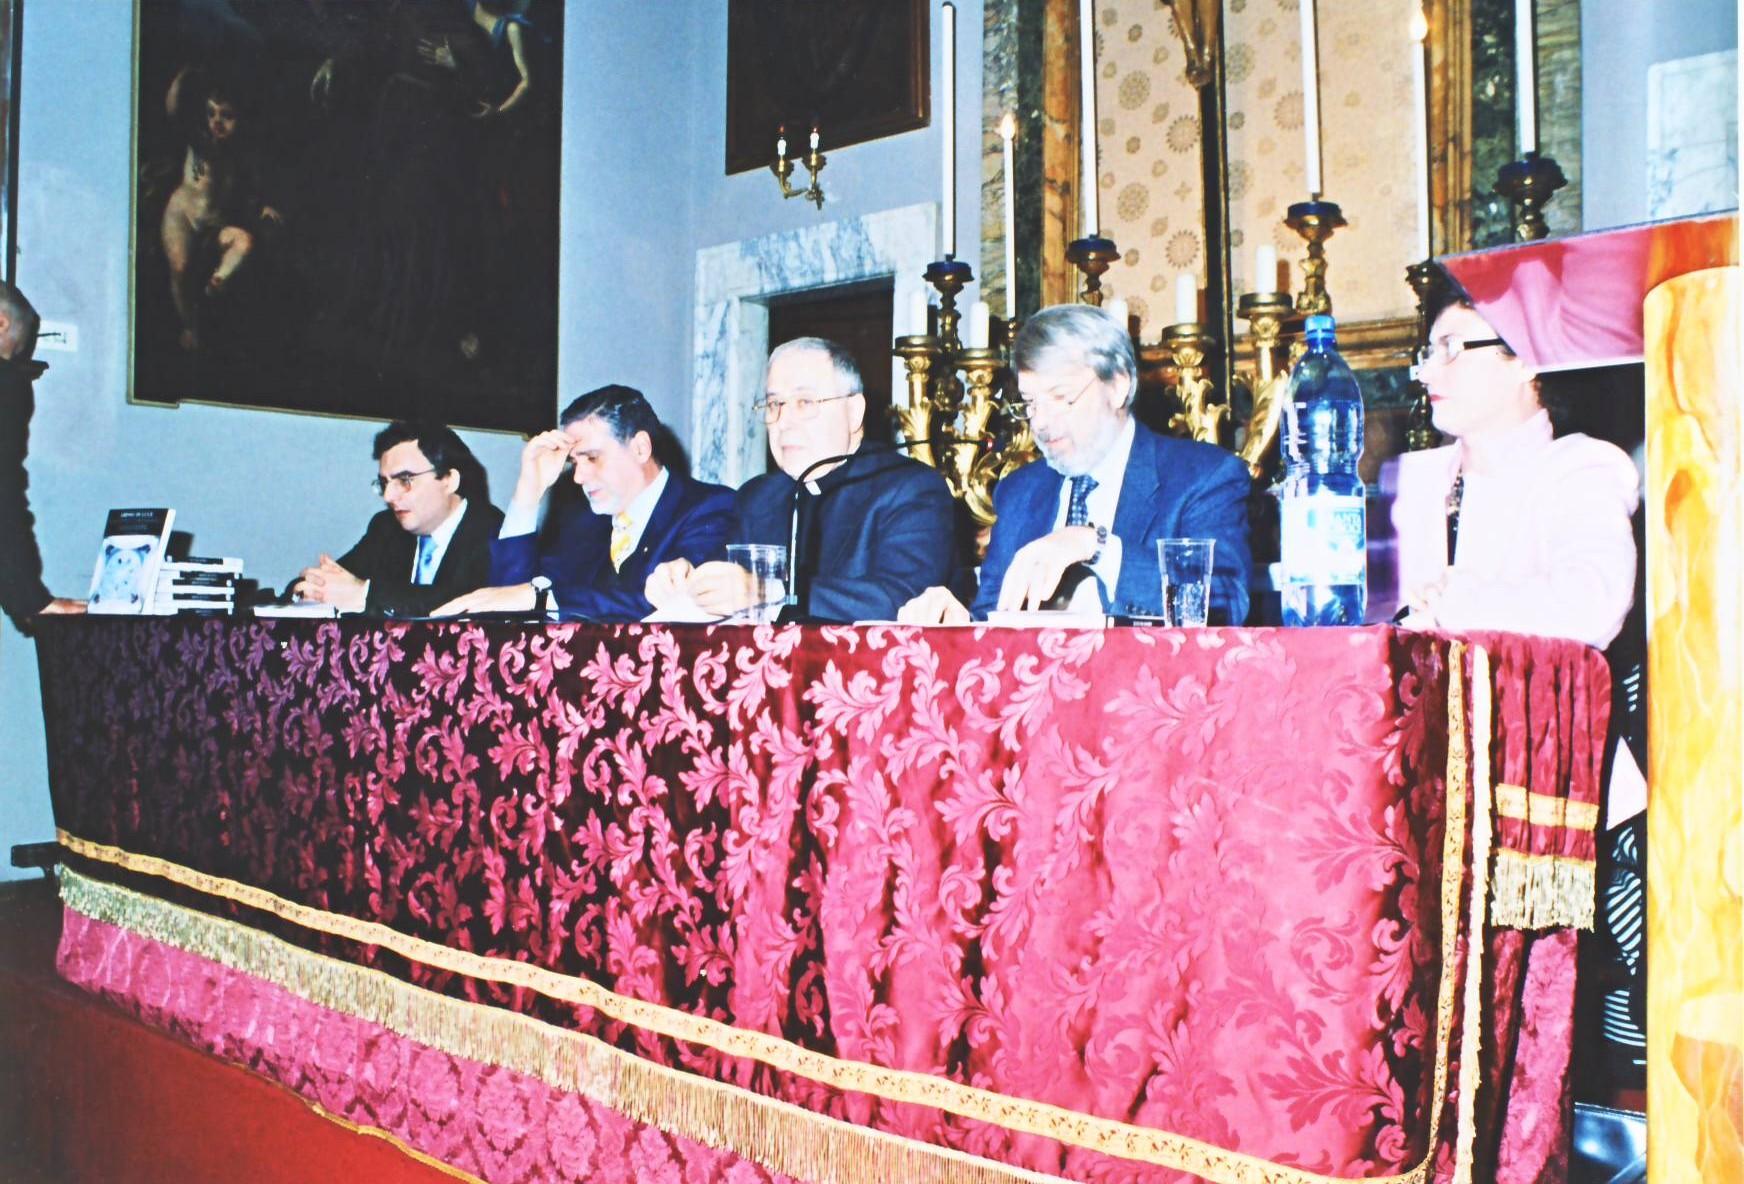 338 presentazione libro cattedrale 1 2005.JPG